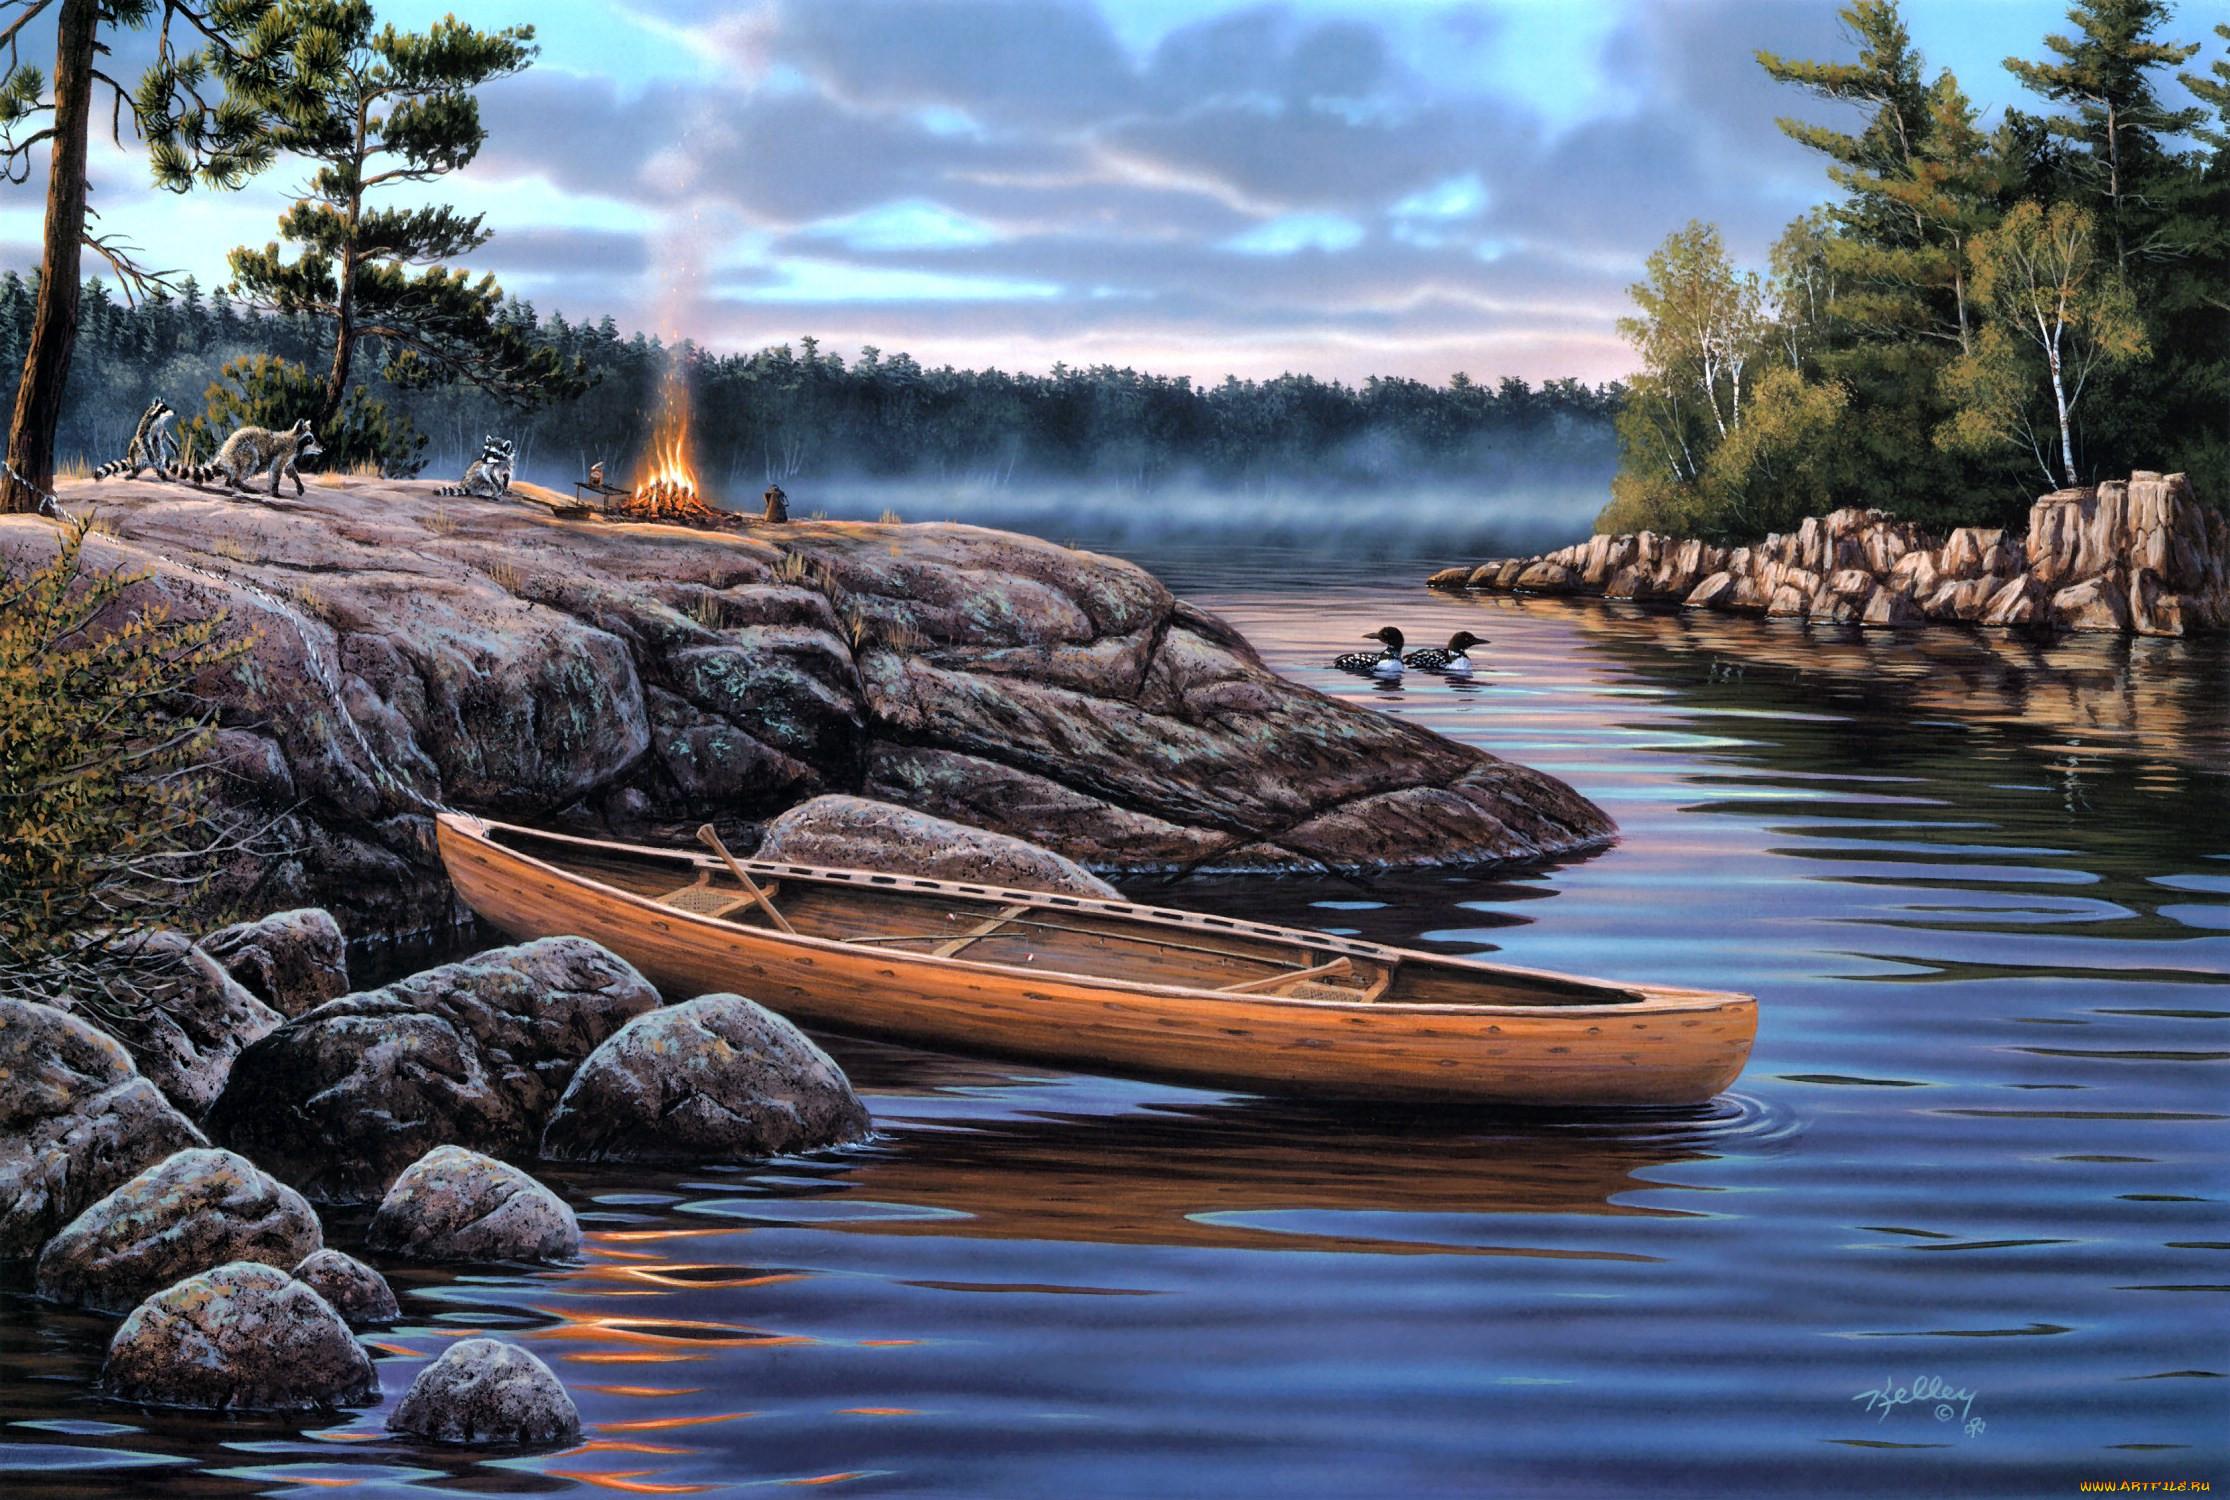 картинки сказочными лодками случается, когда огородник